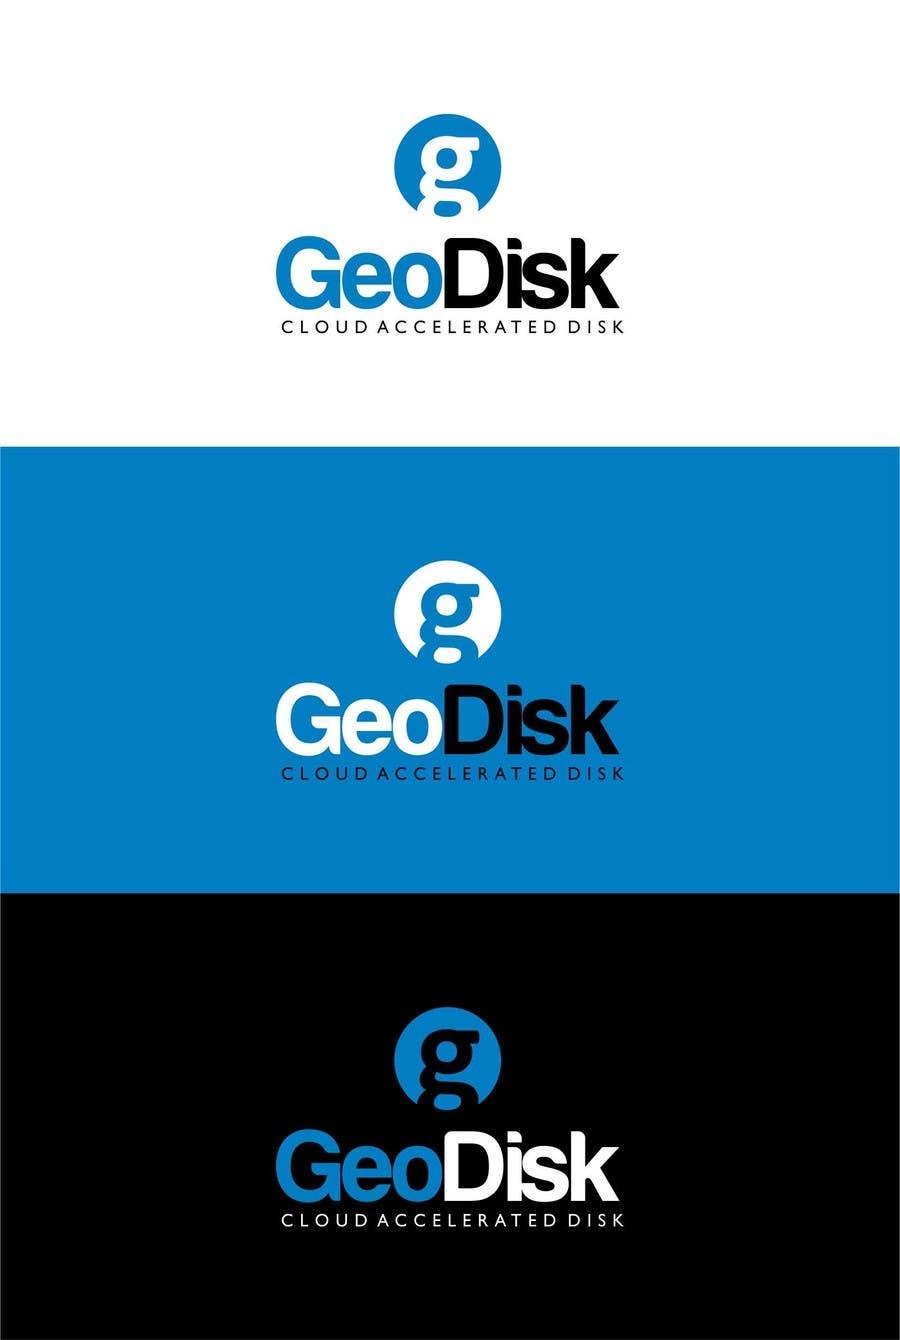 Proposition n°110 du concours Logo Design for GeoDisk.org